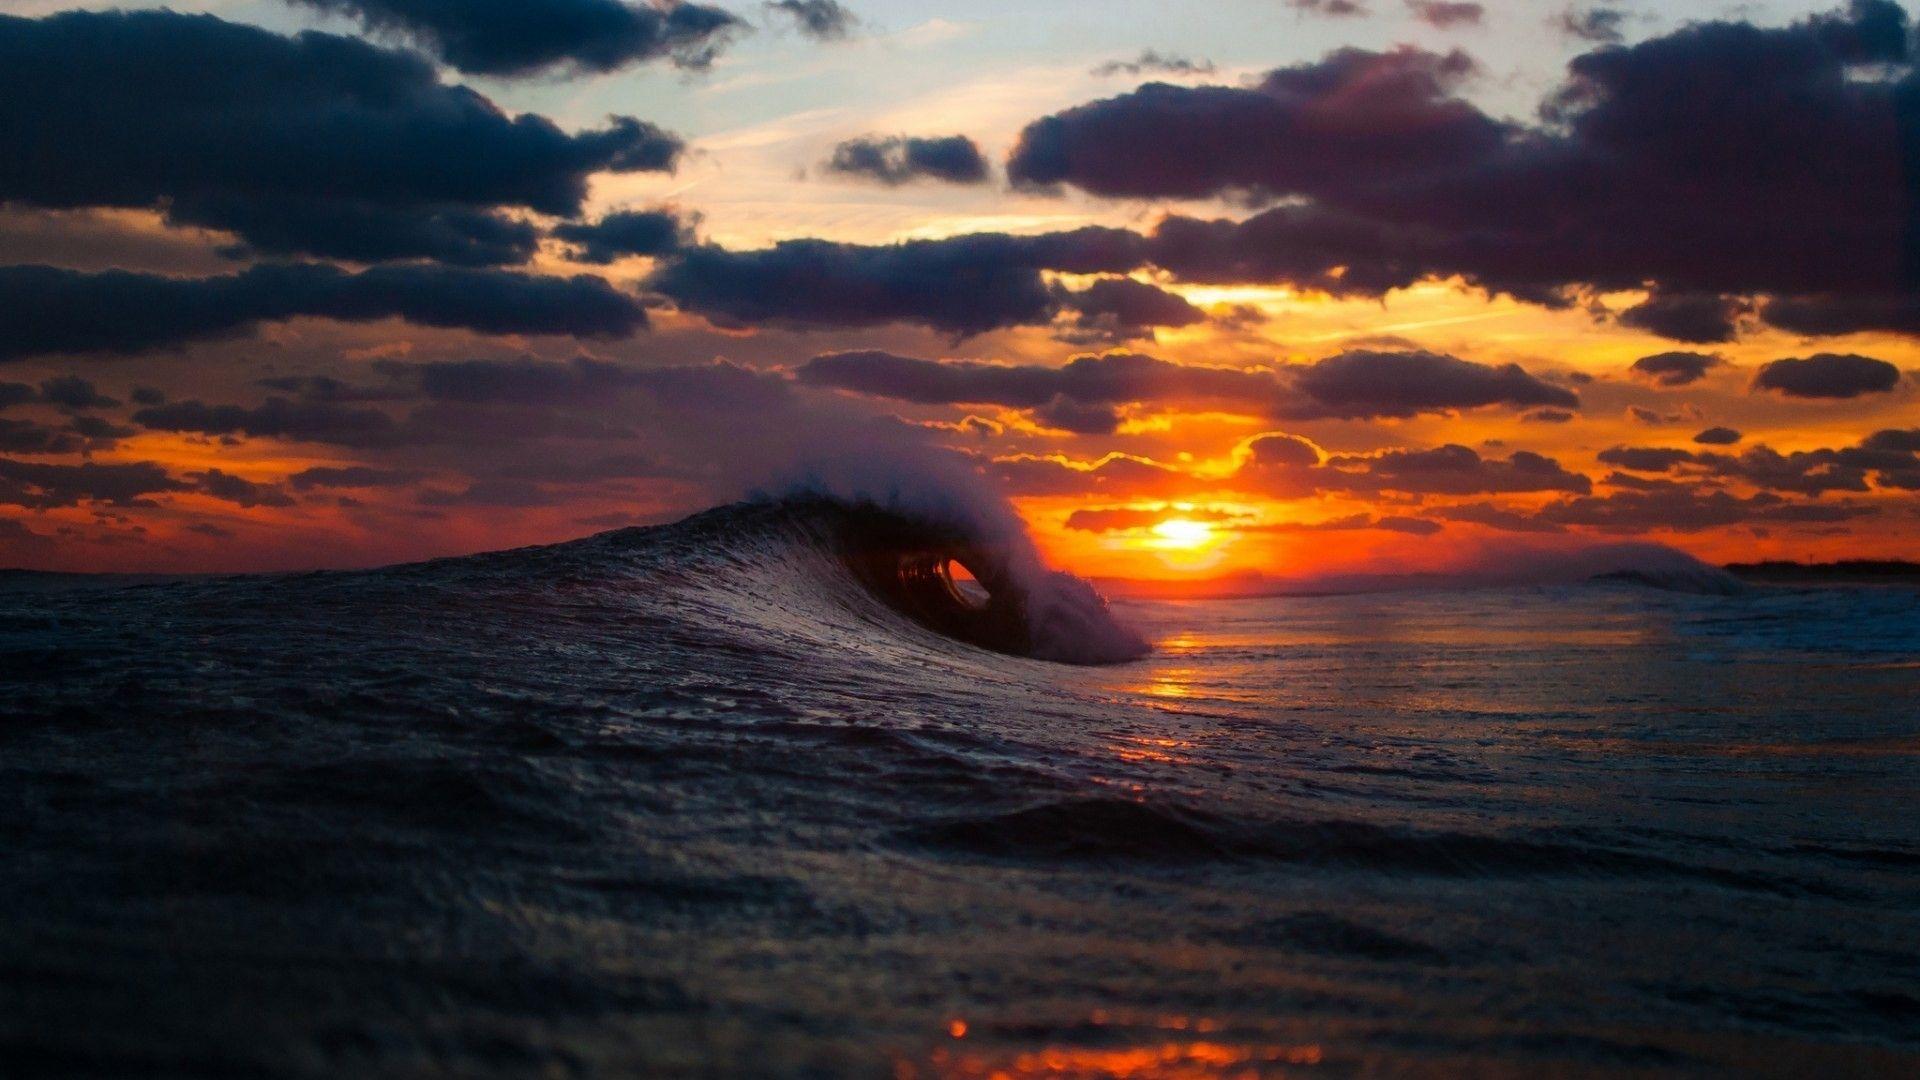 Sea Sunset Waves